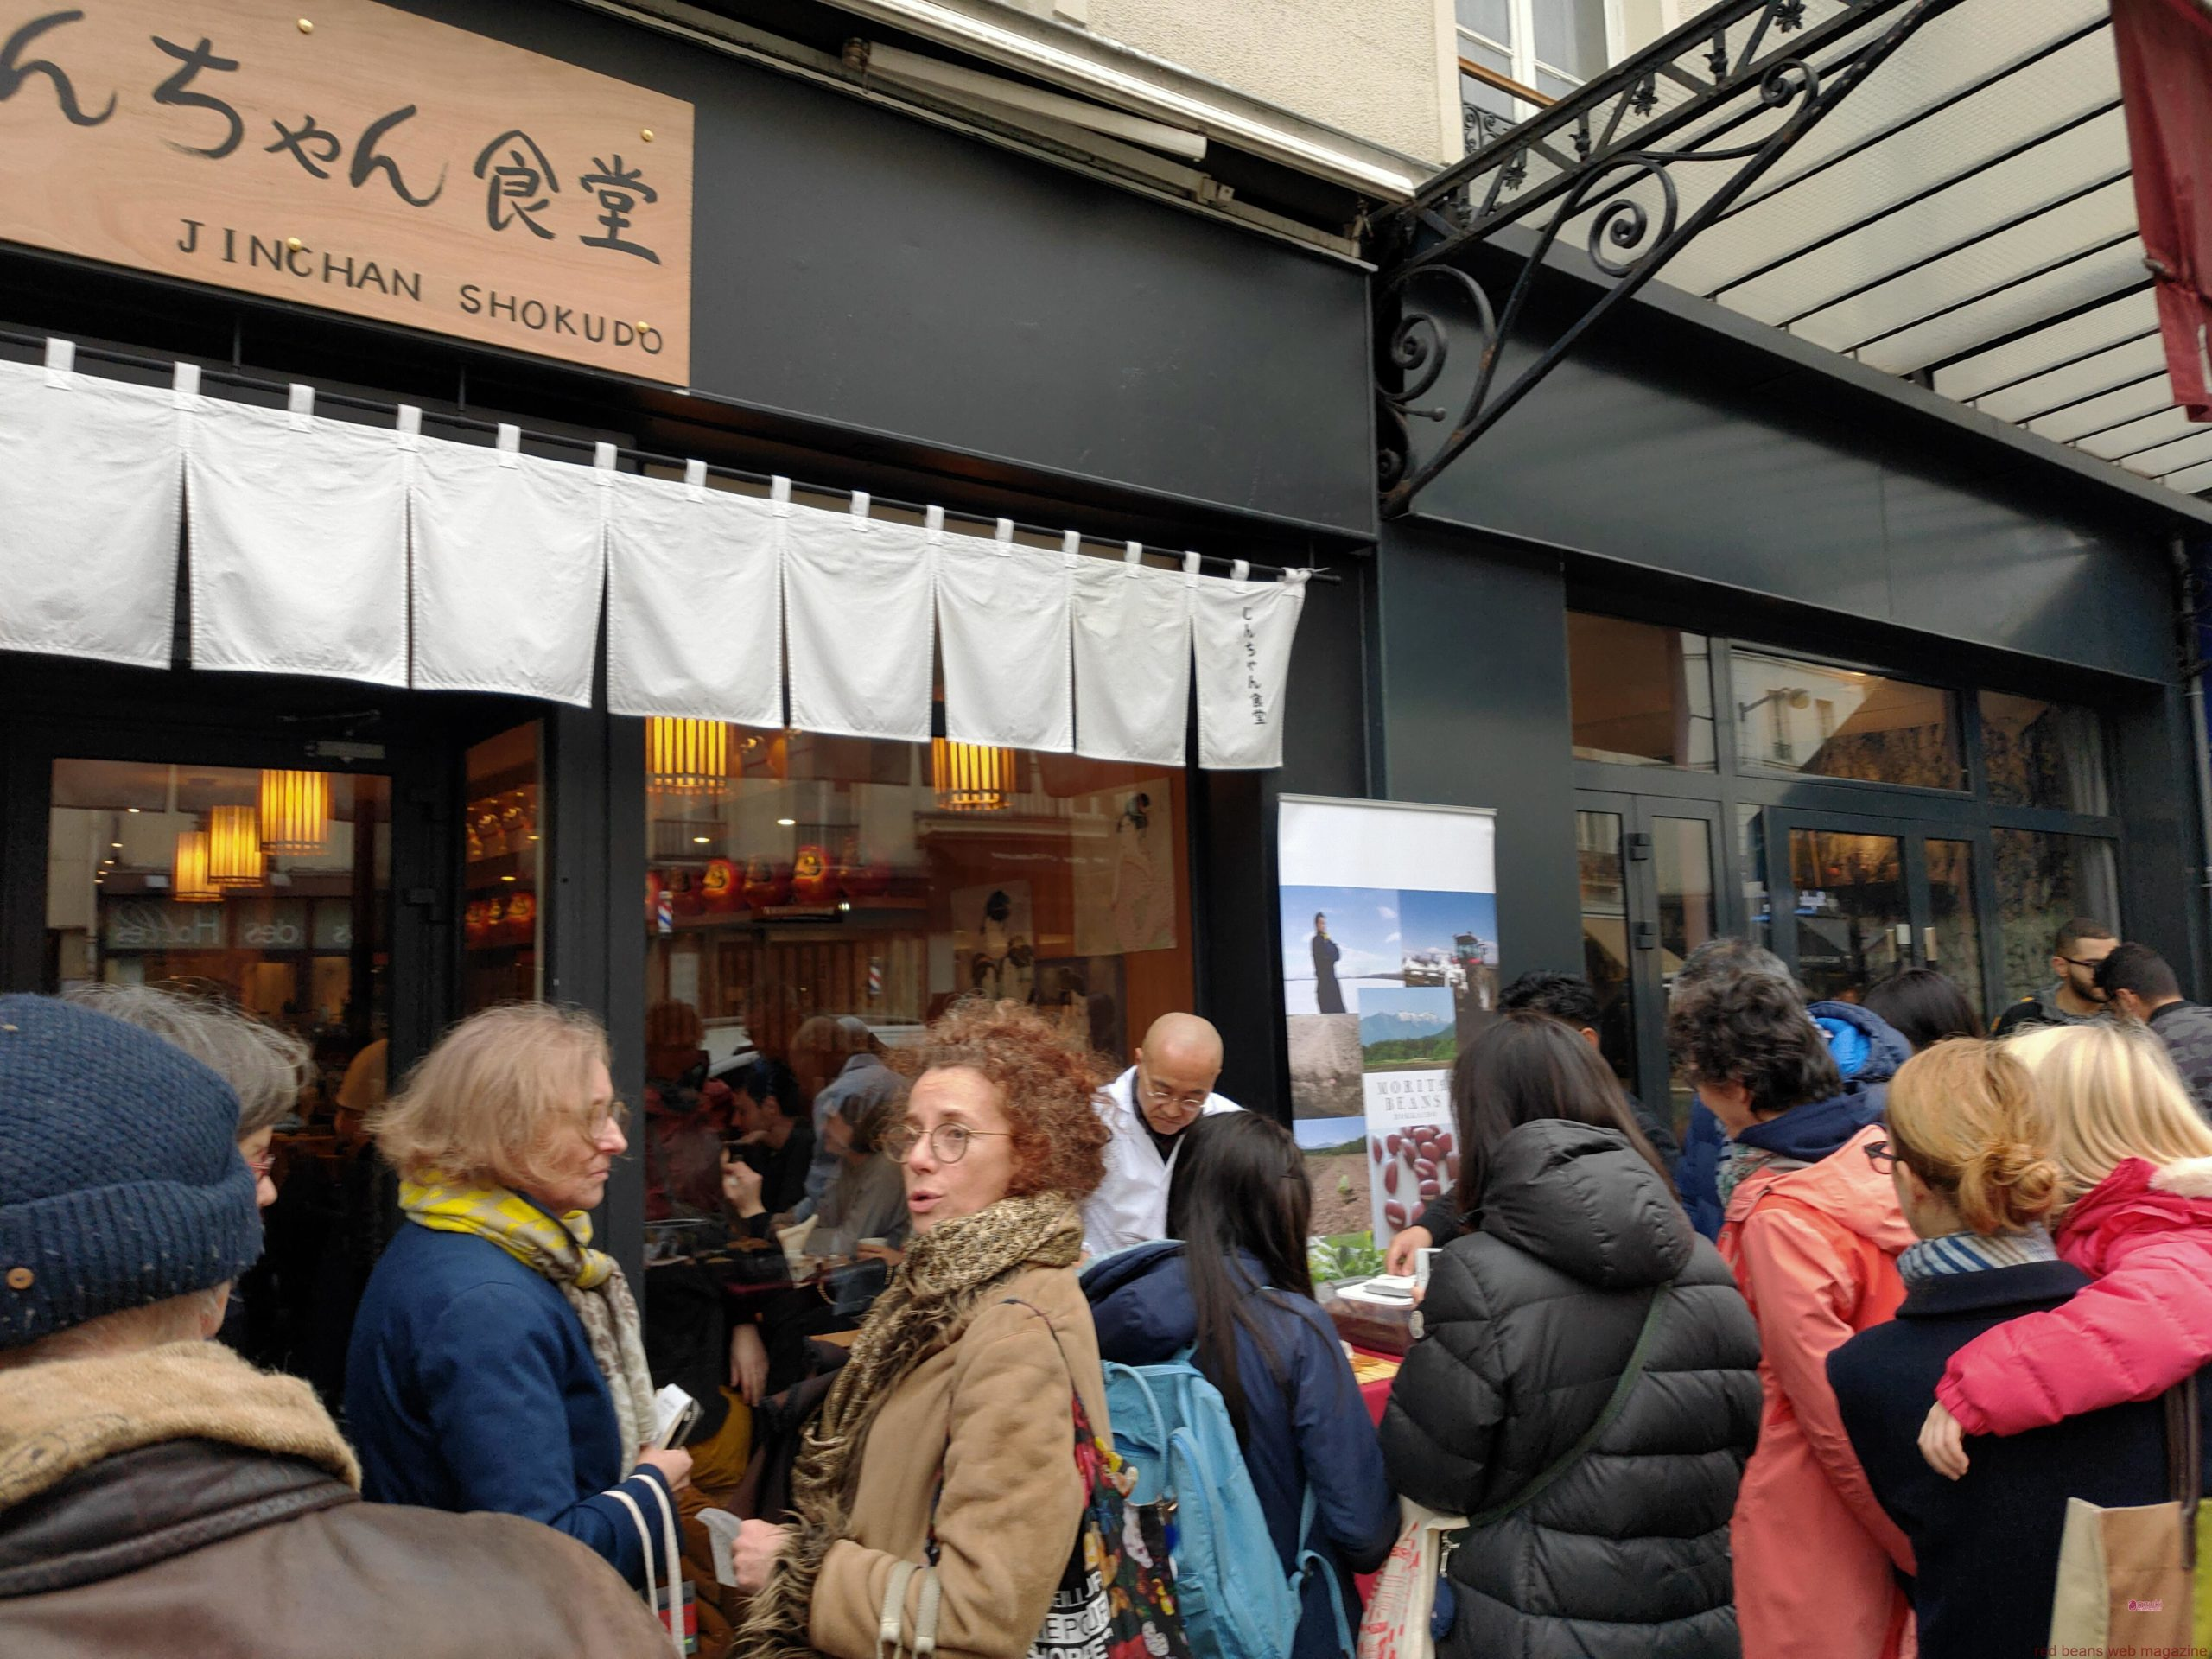 パリ-じんちゃん食堂でのどら焼きイベントに大行列